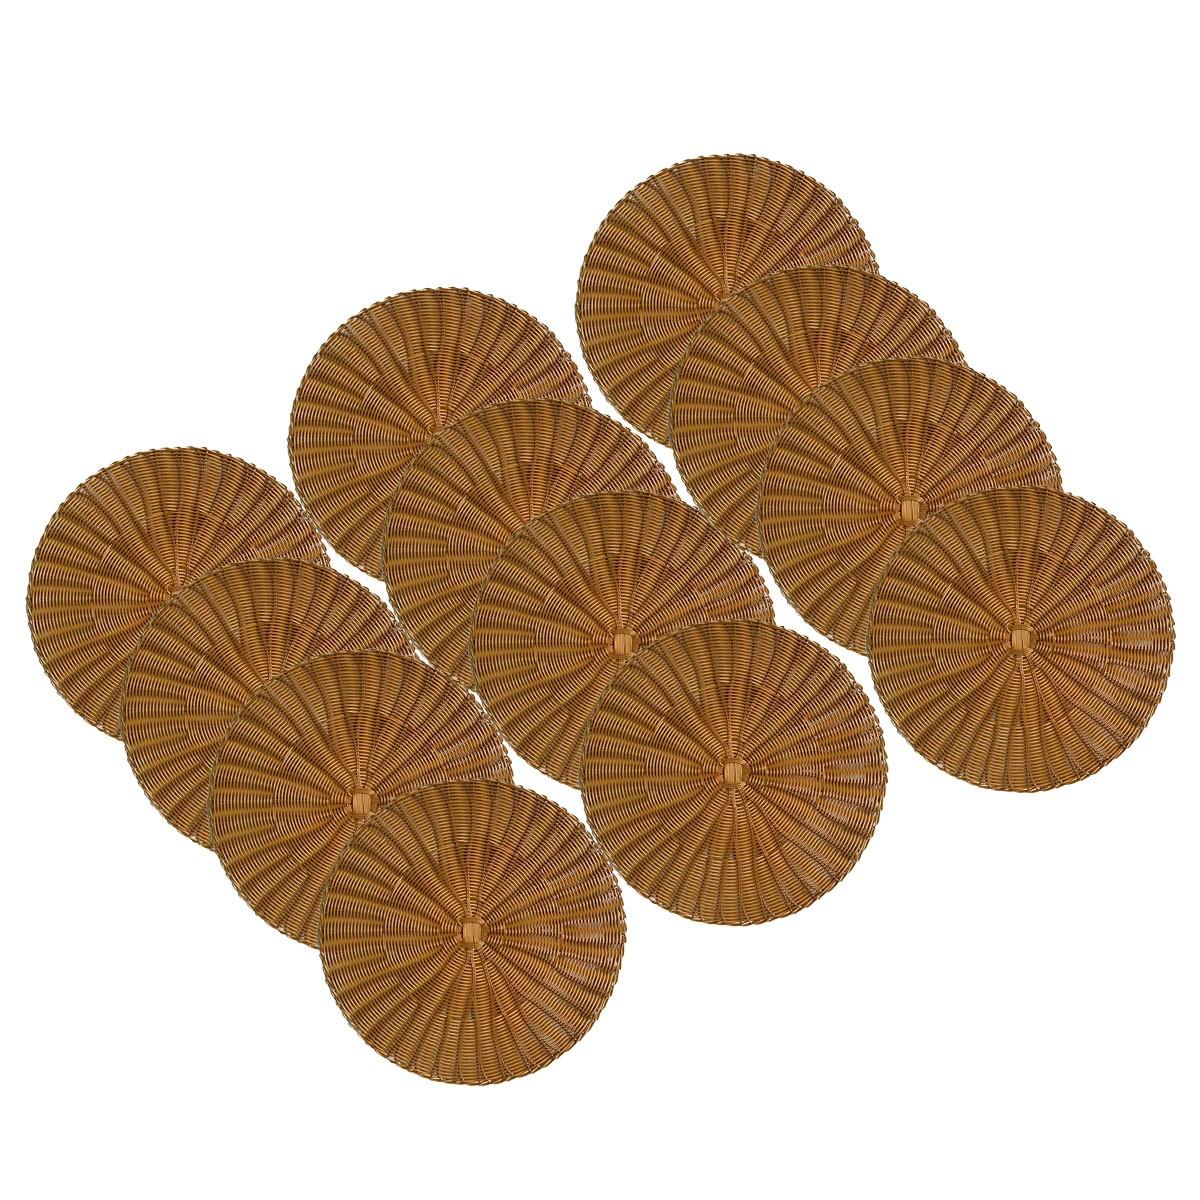 Jogo 12 Sousplats de Plástico Dourado   - Lemis